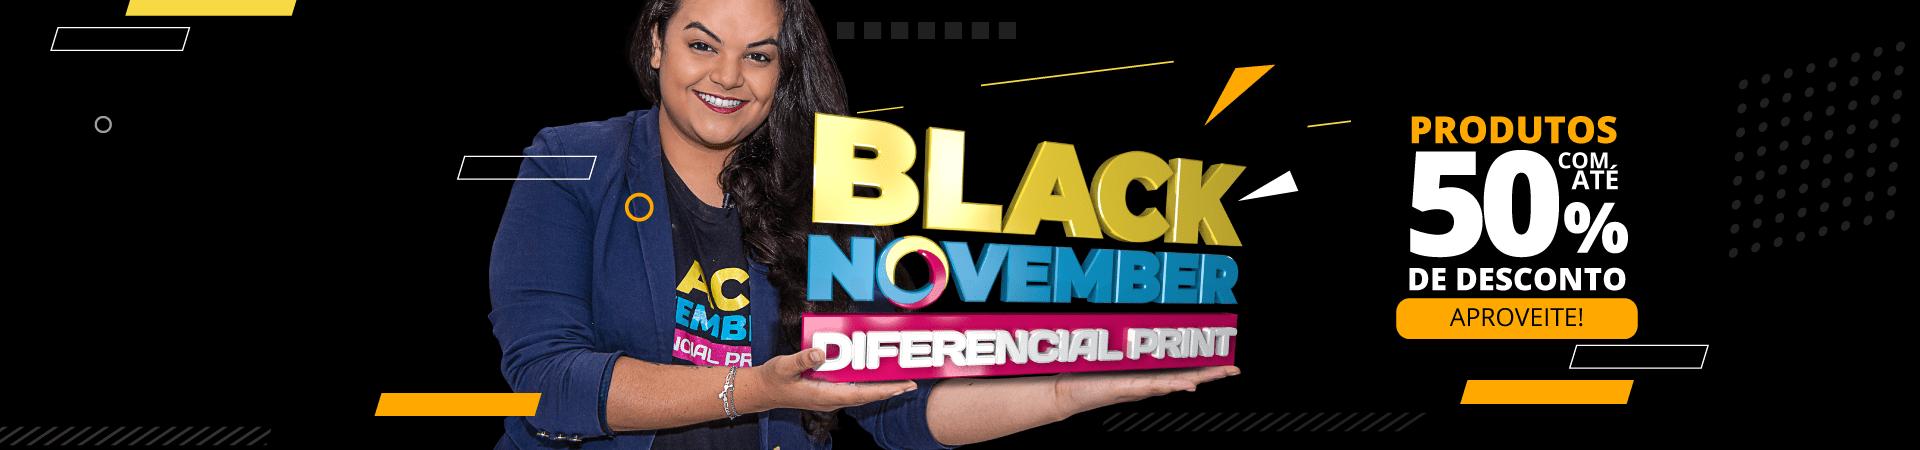 Full Banner Black November 2020